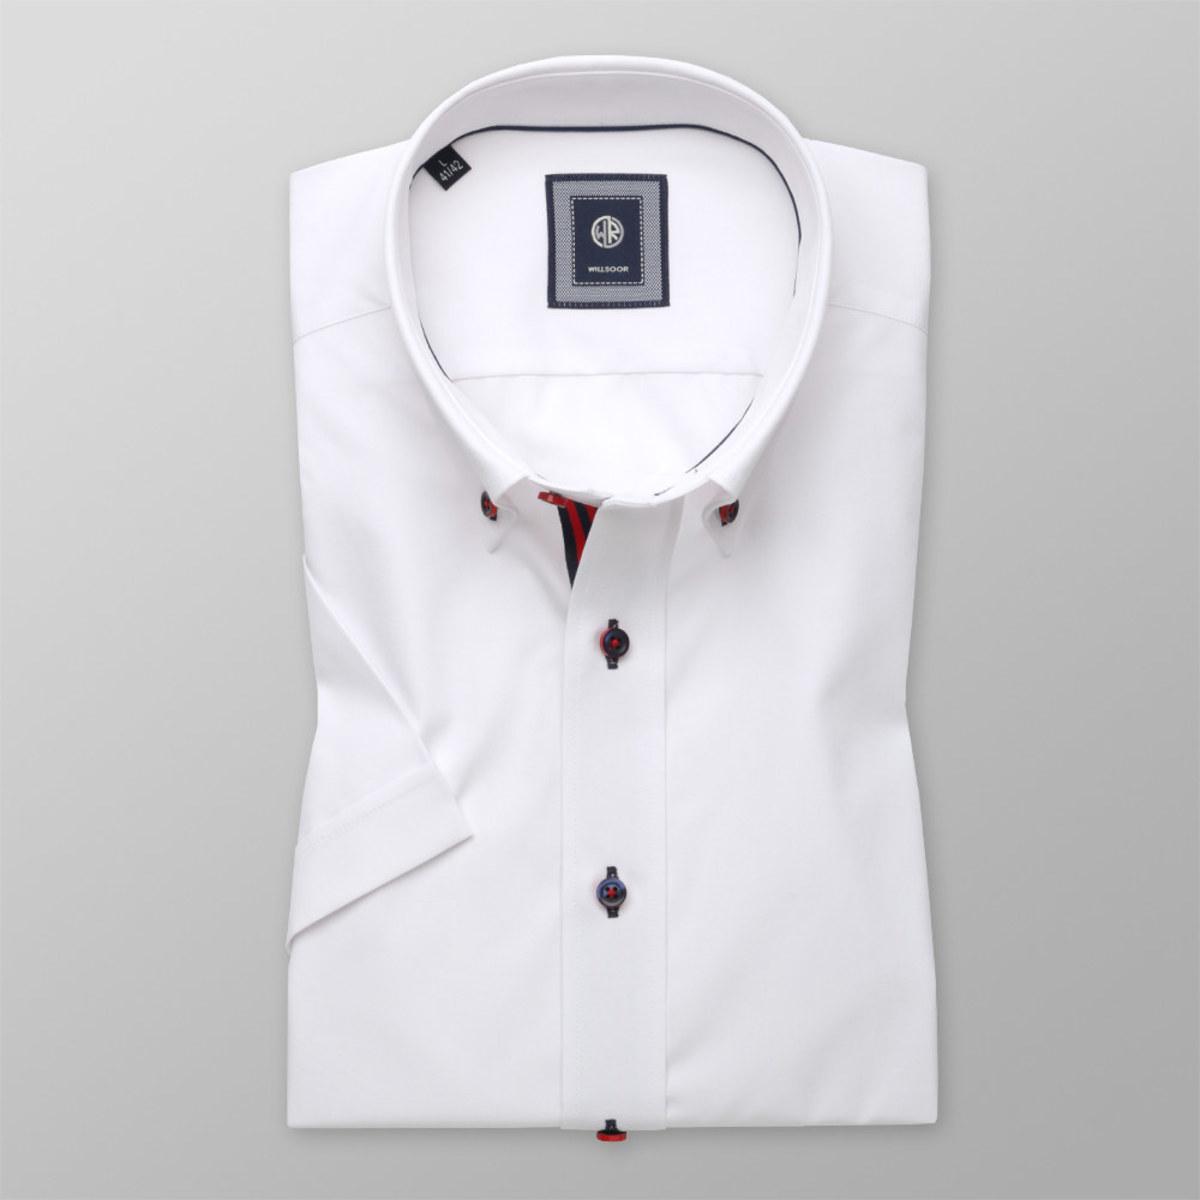 Košeľa Slim Fit bielej farby (výška 176 - 182) 10757 176-182 / L (41/42)